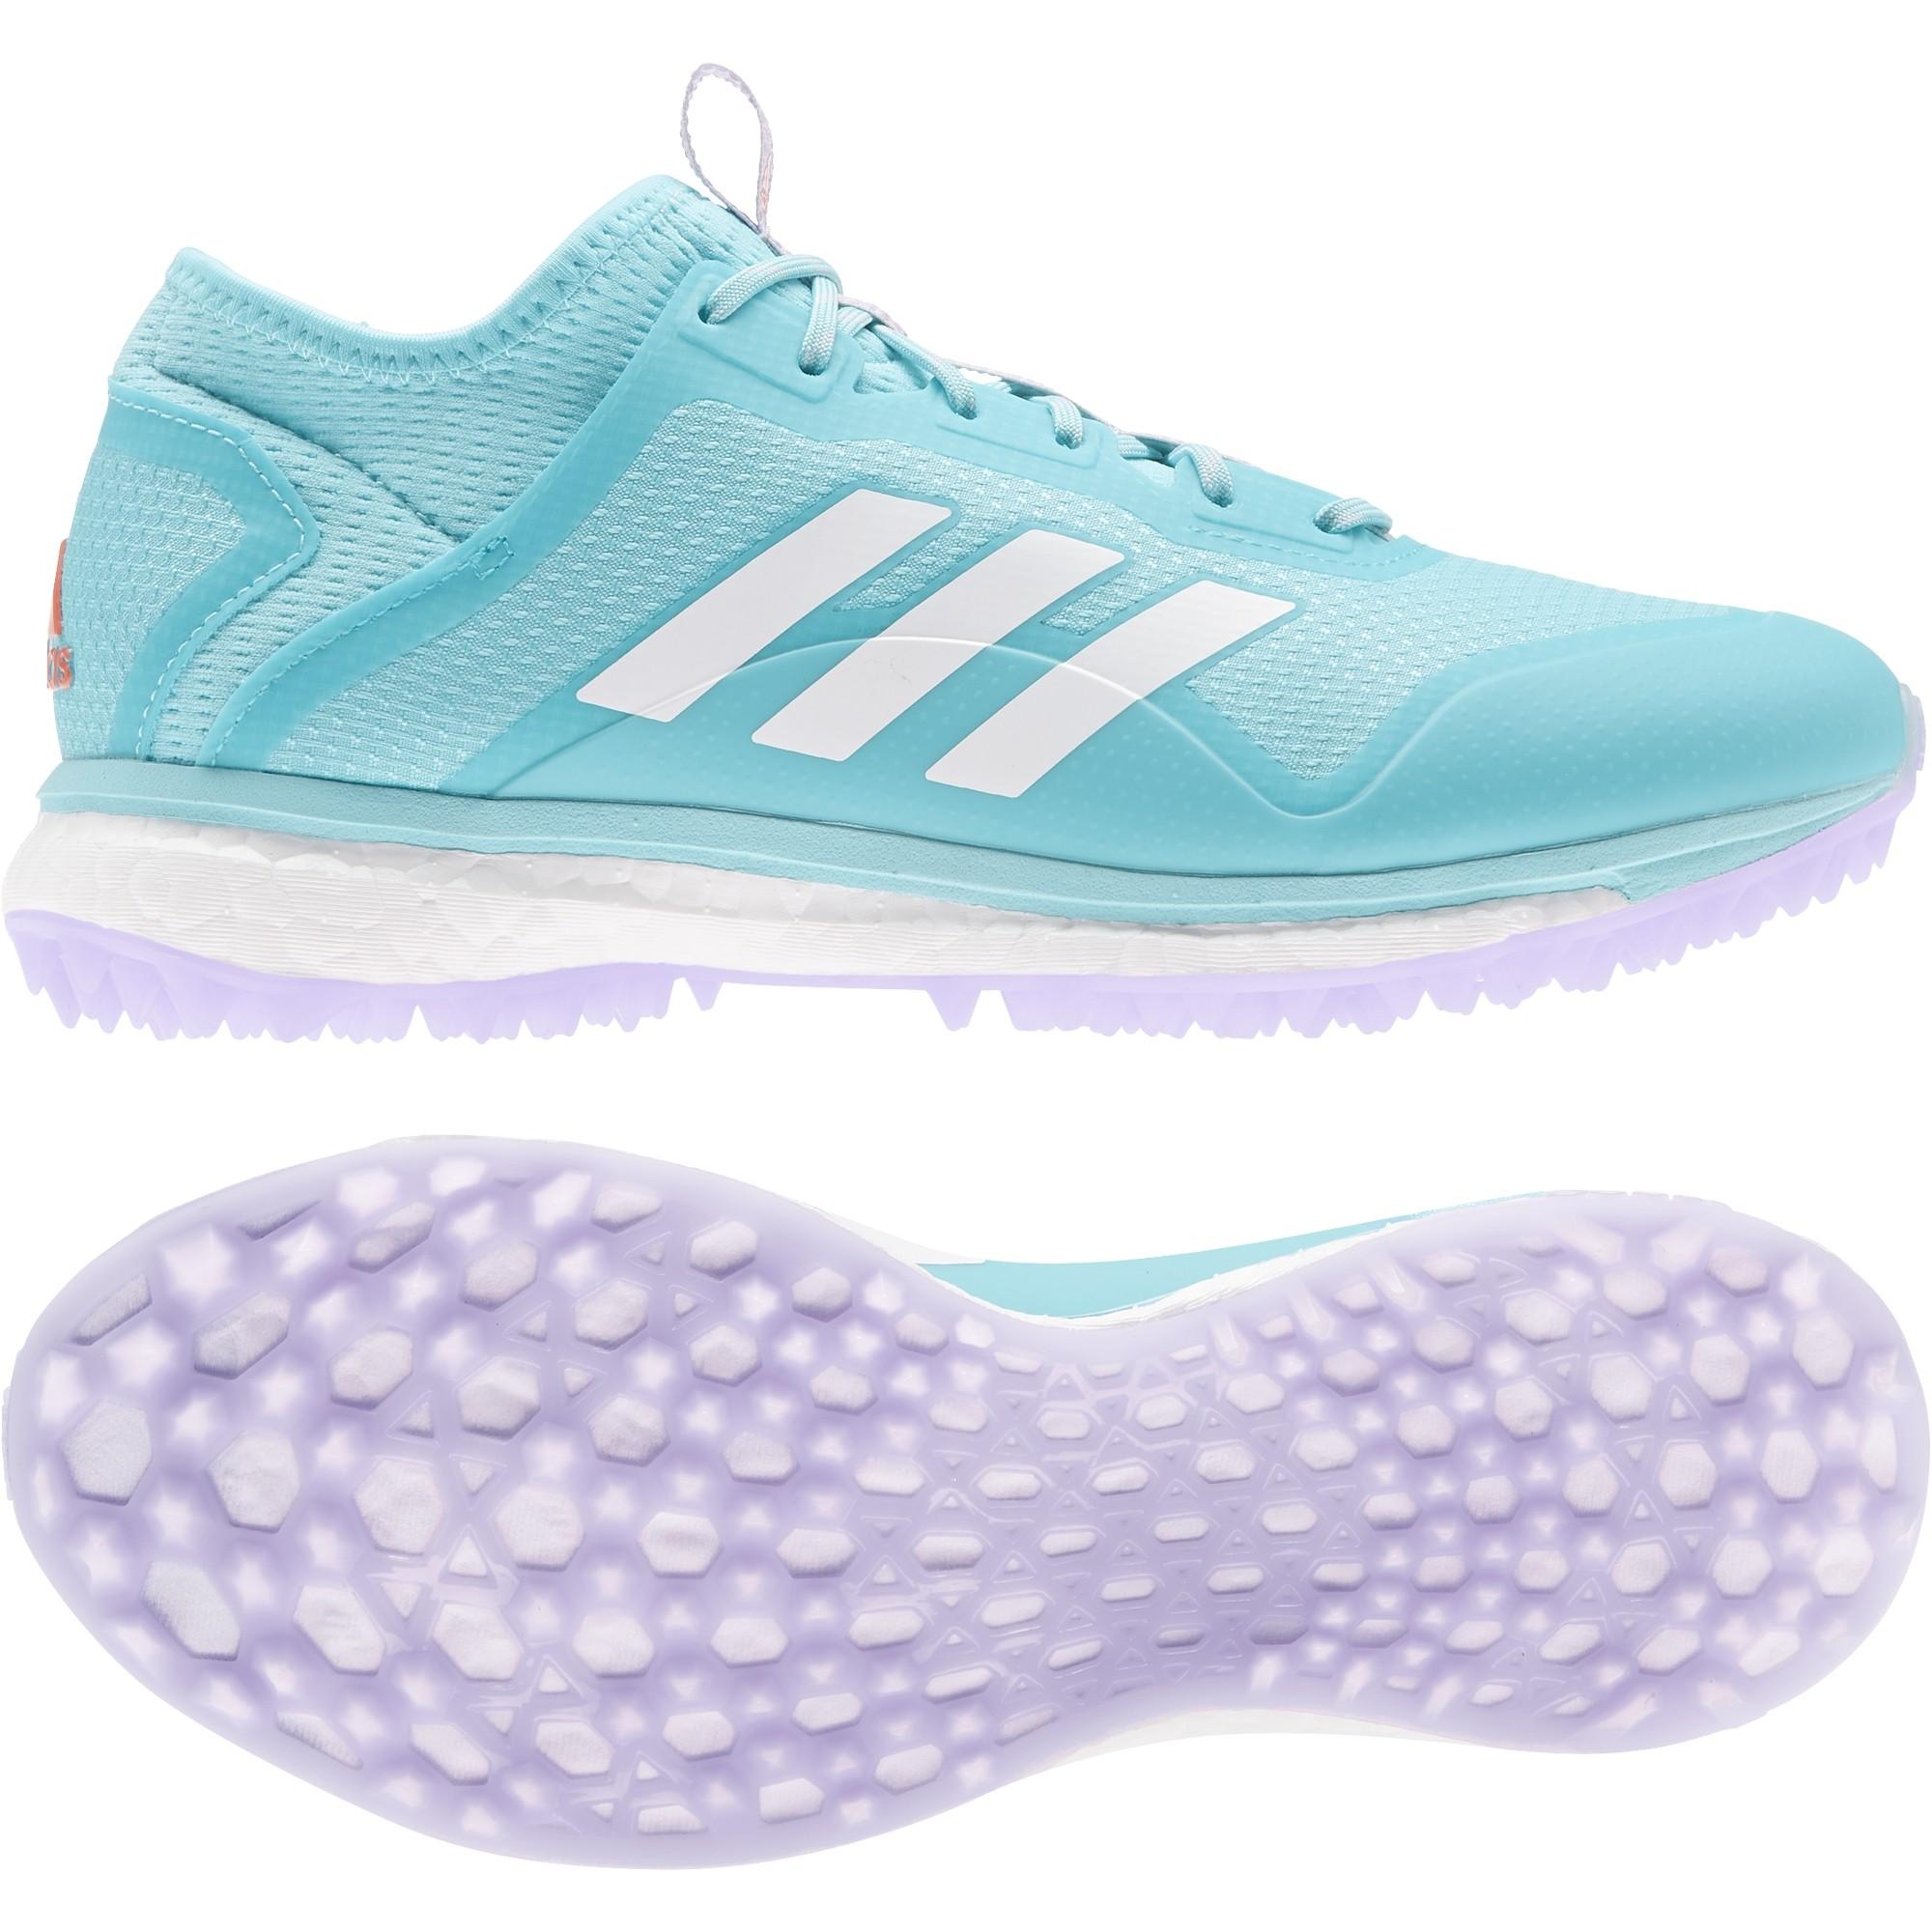 2021/22 Adidas Fabela X Empower Hockey Shoes - Aqua/White